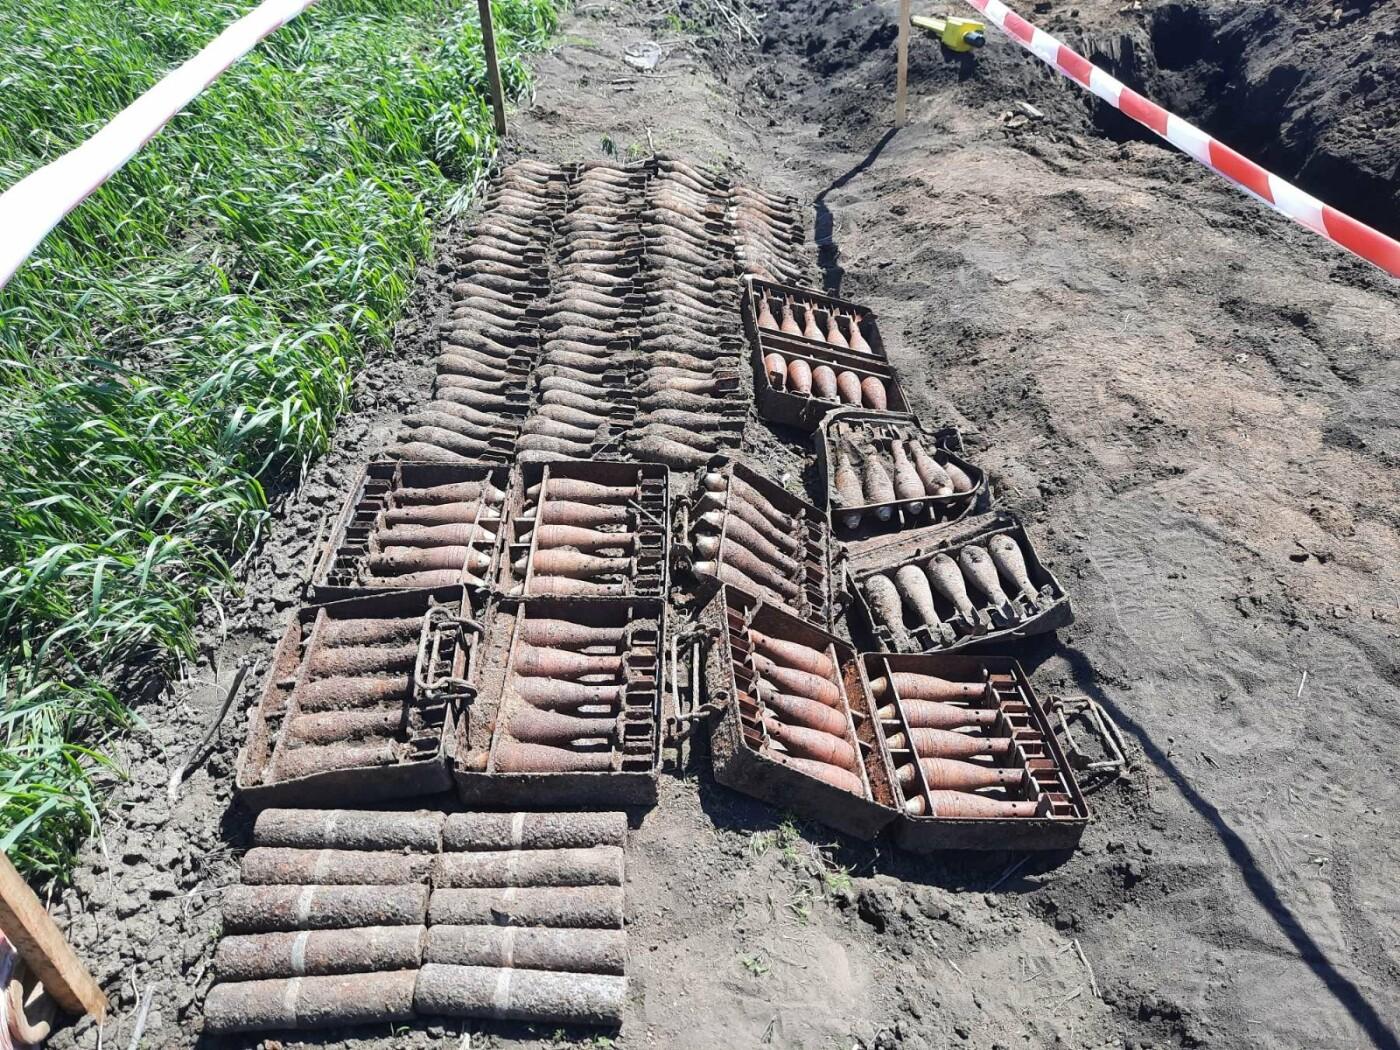 Знову небезпечна знахідка: на Лозівщині селянин виявив півтори сотні снарядів, фото-4